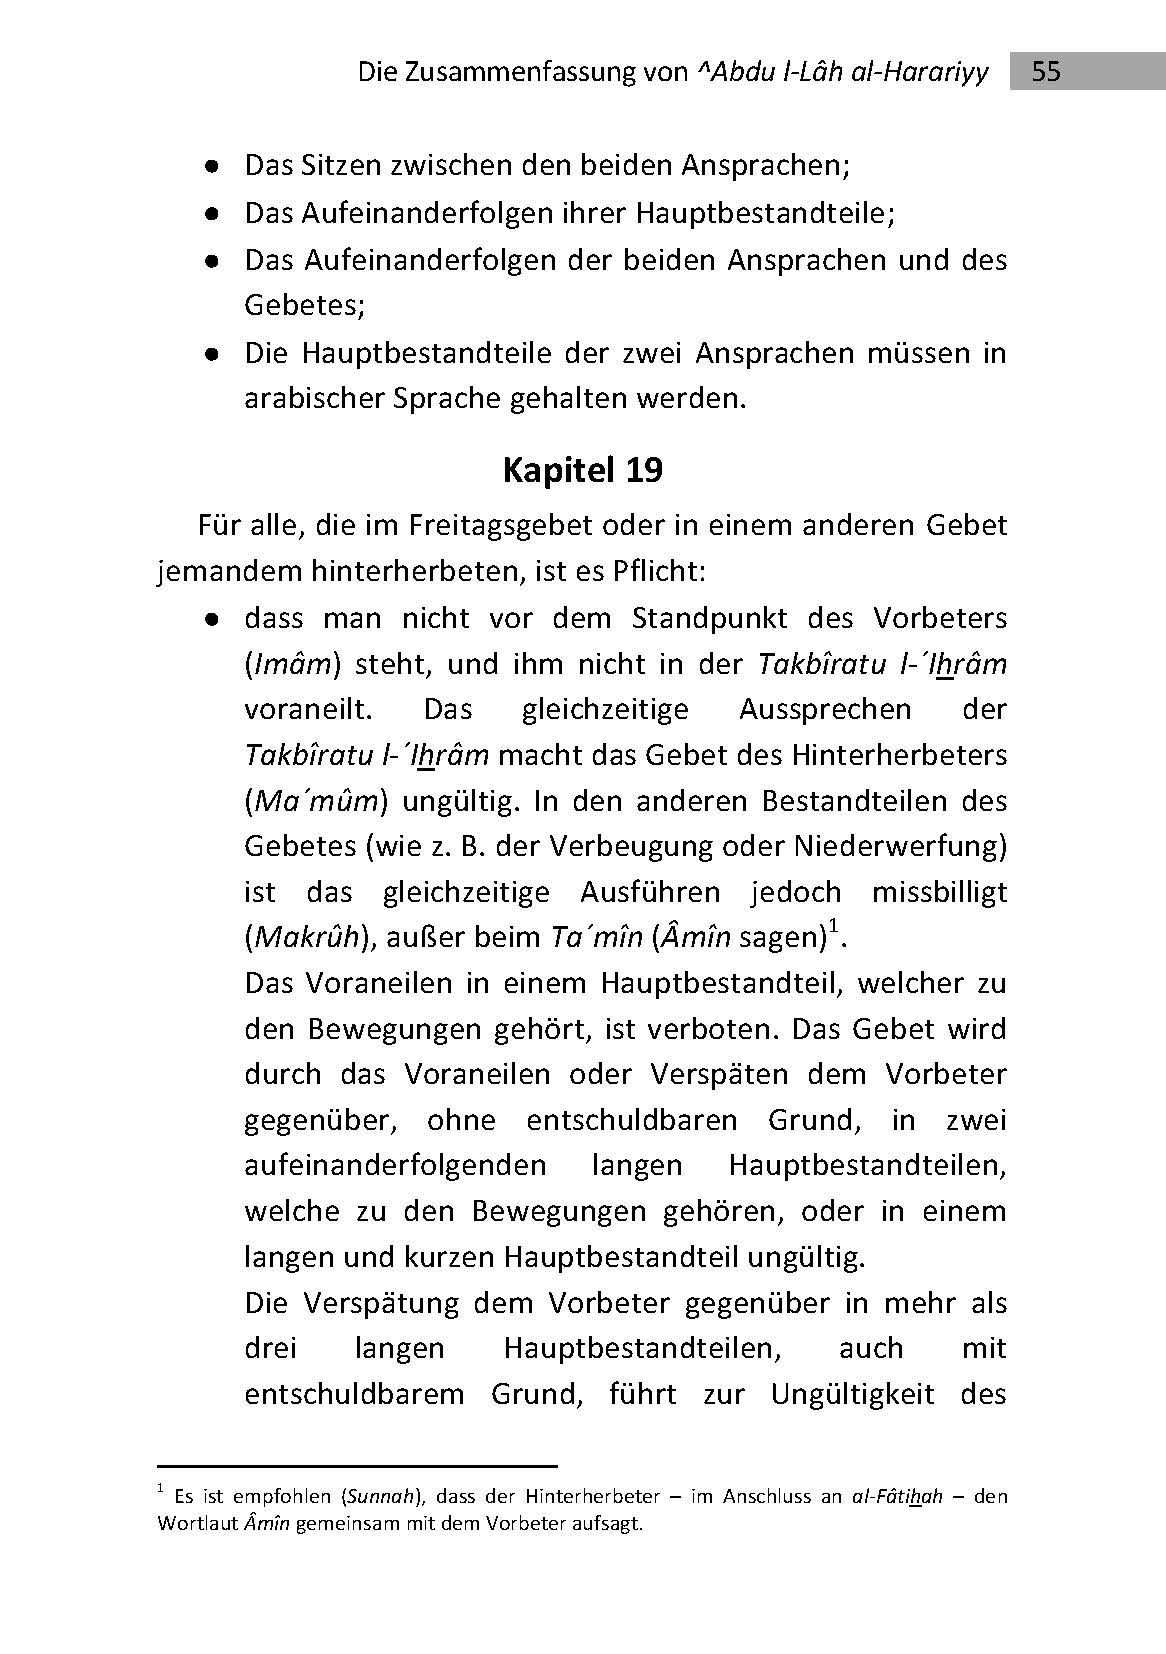 Die Zusammenfassung - 3. Auflage 2014_Seite_55